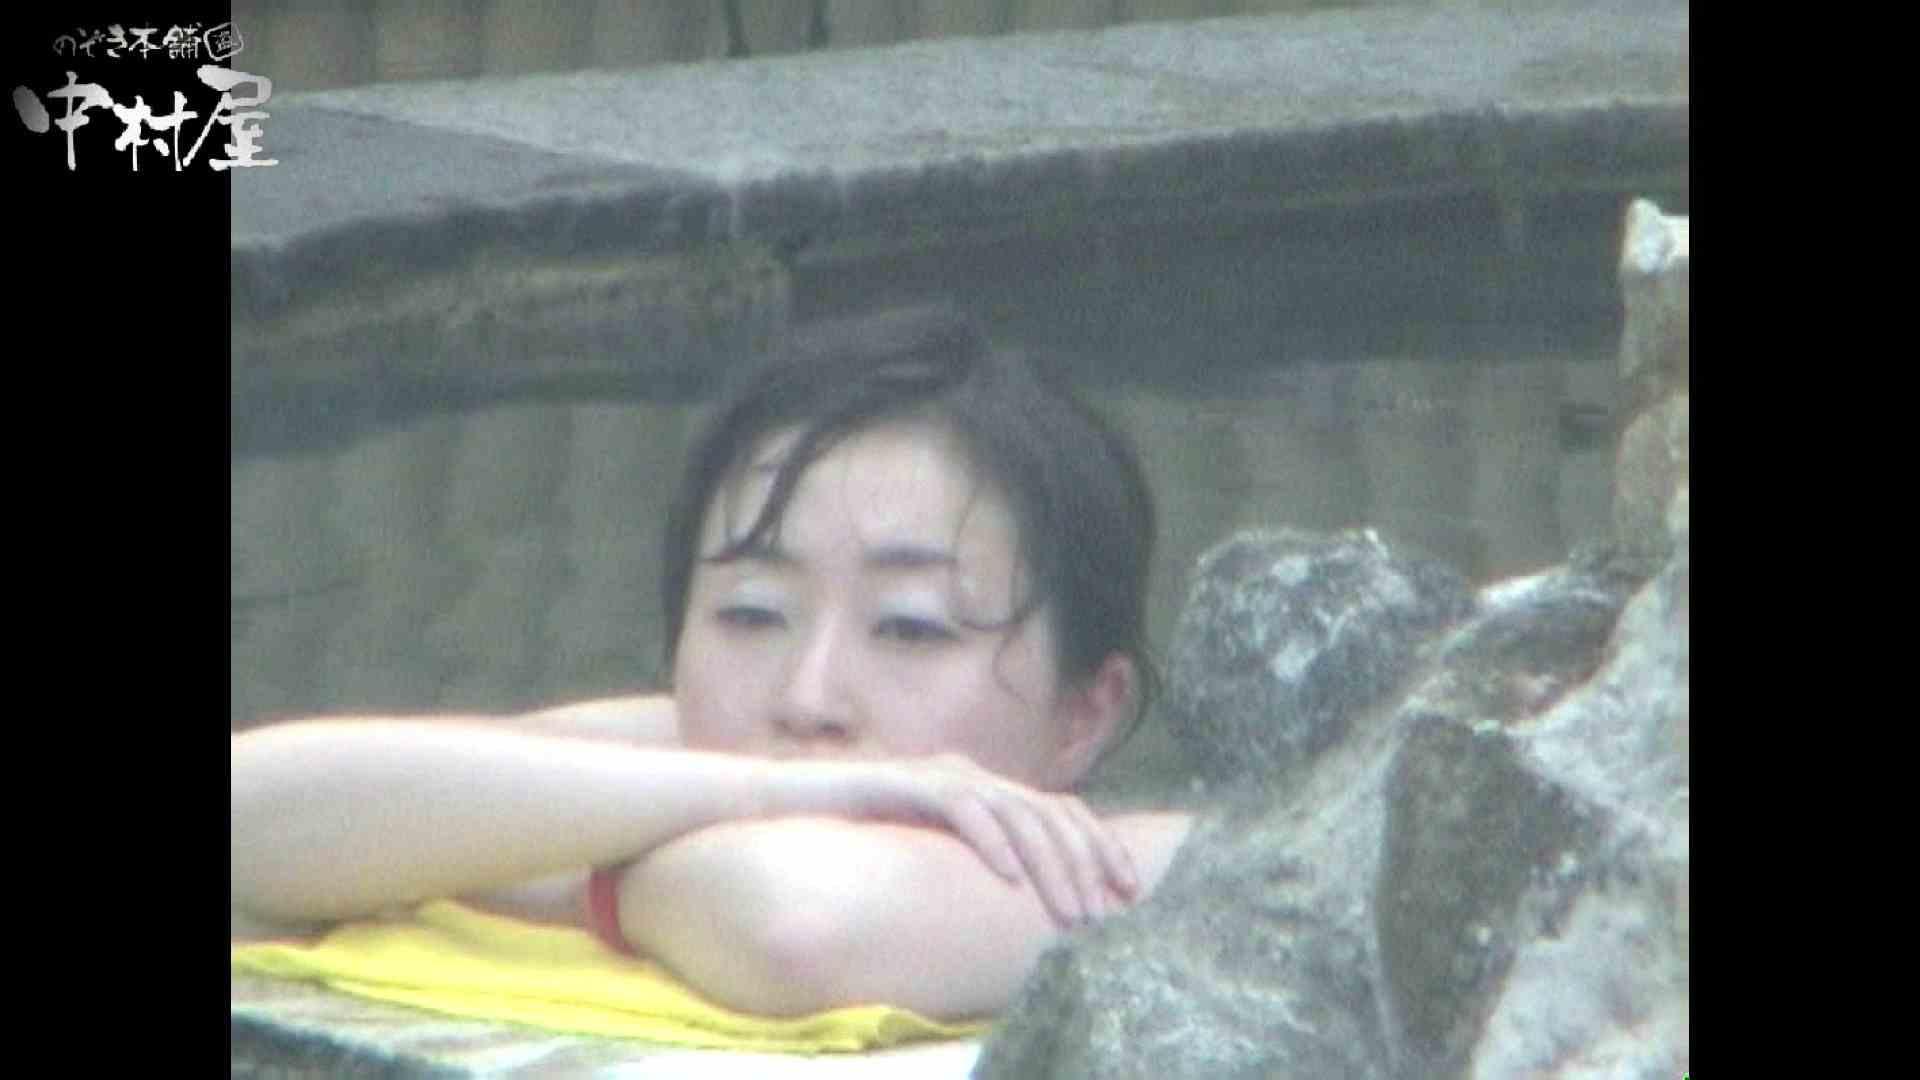 Aquaな露天風呂Vol.957 盗撮シリーズ  110PIX 74